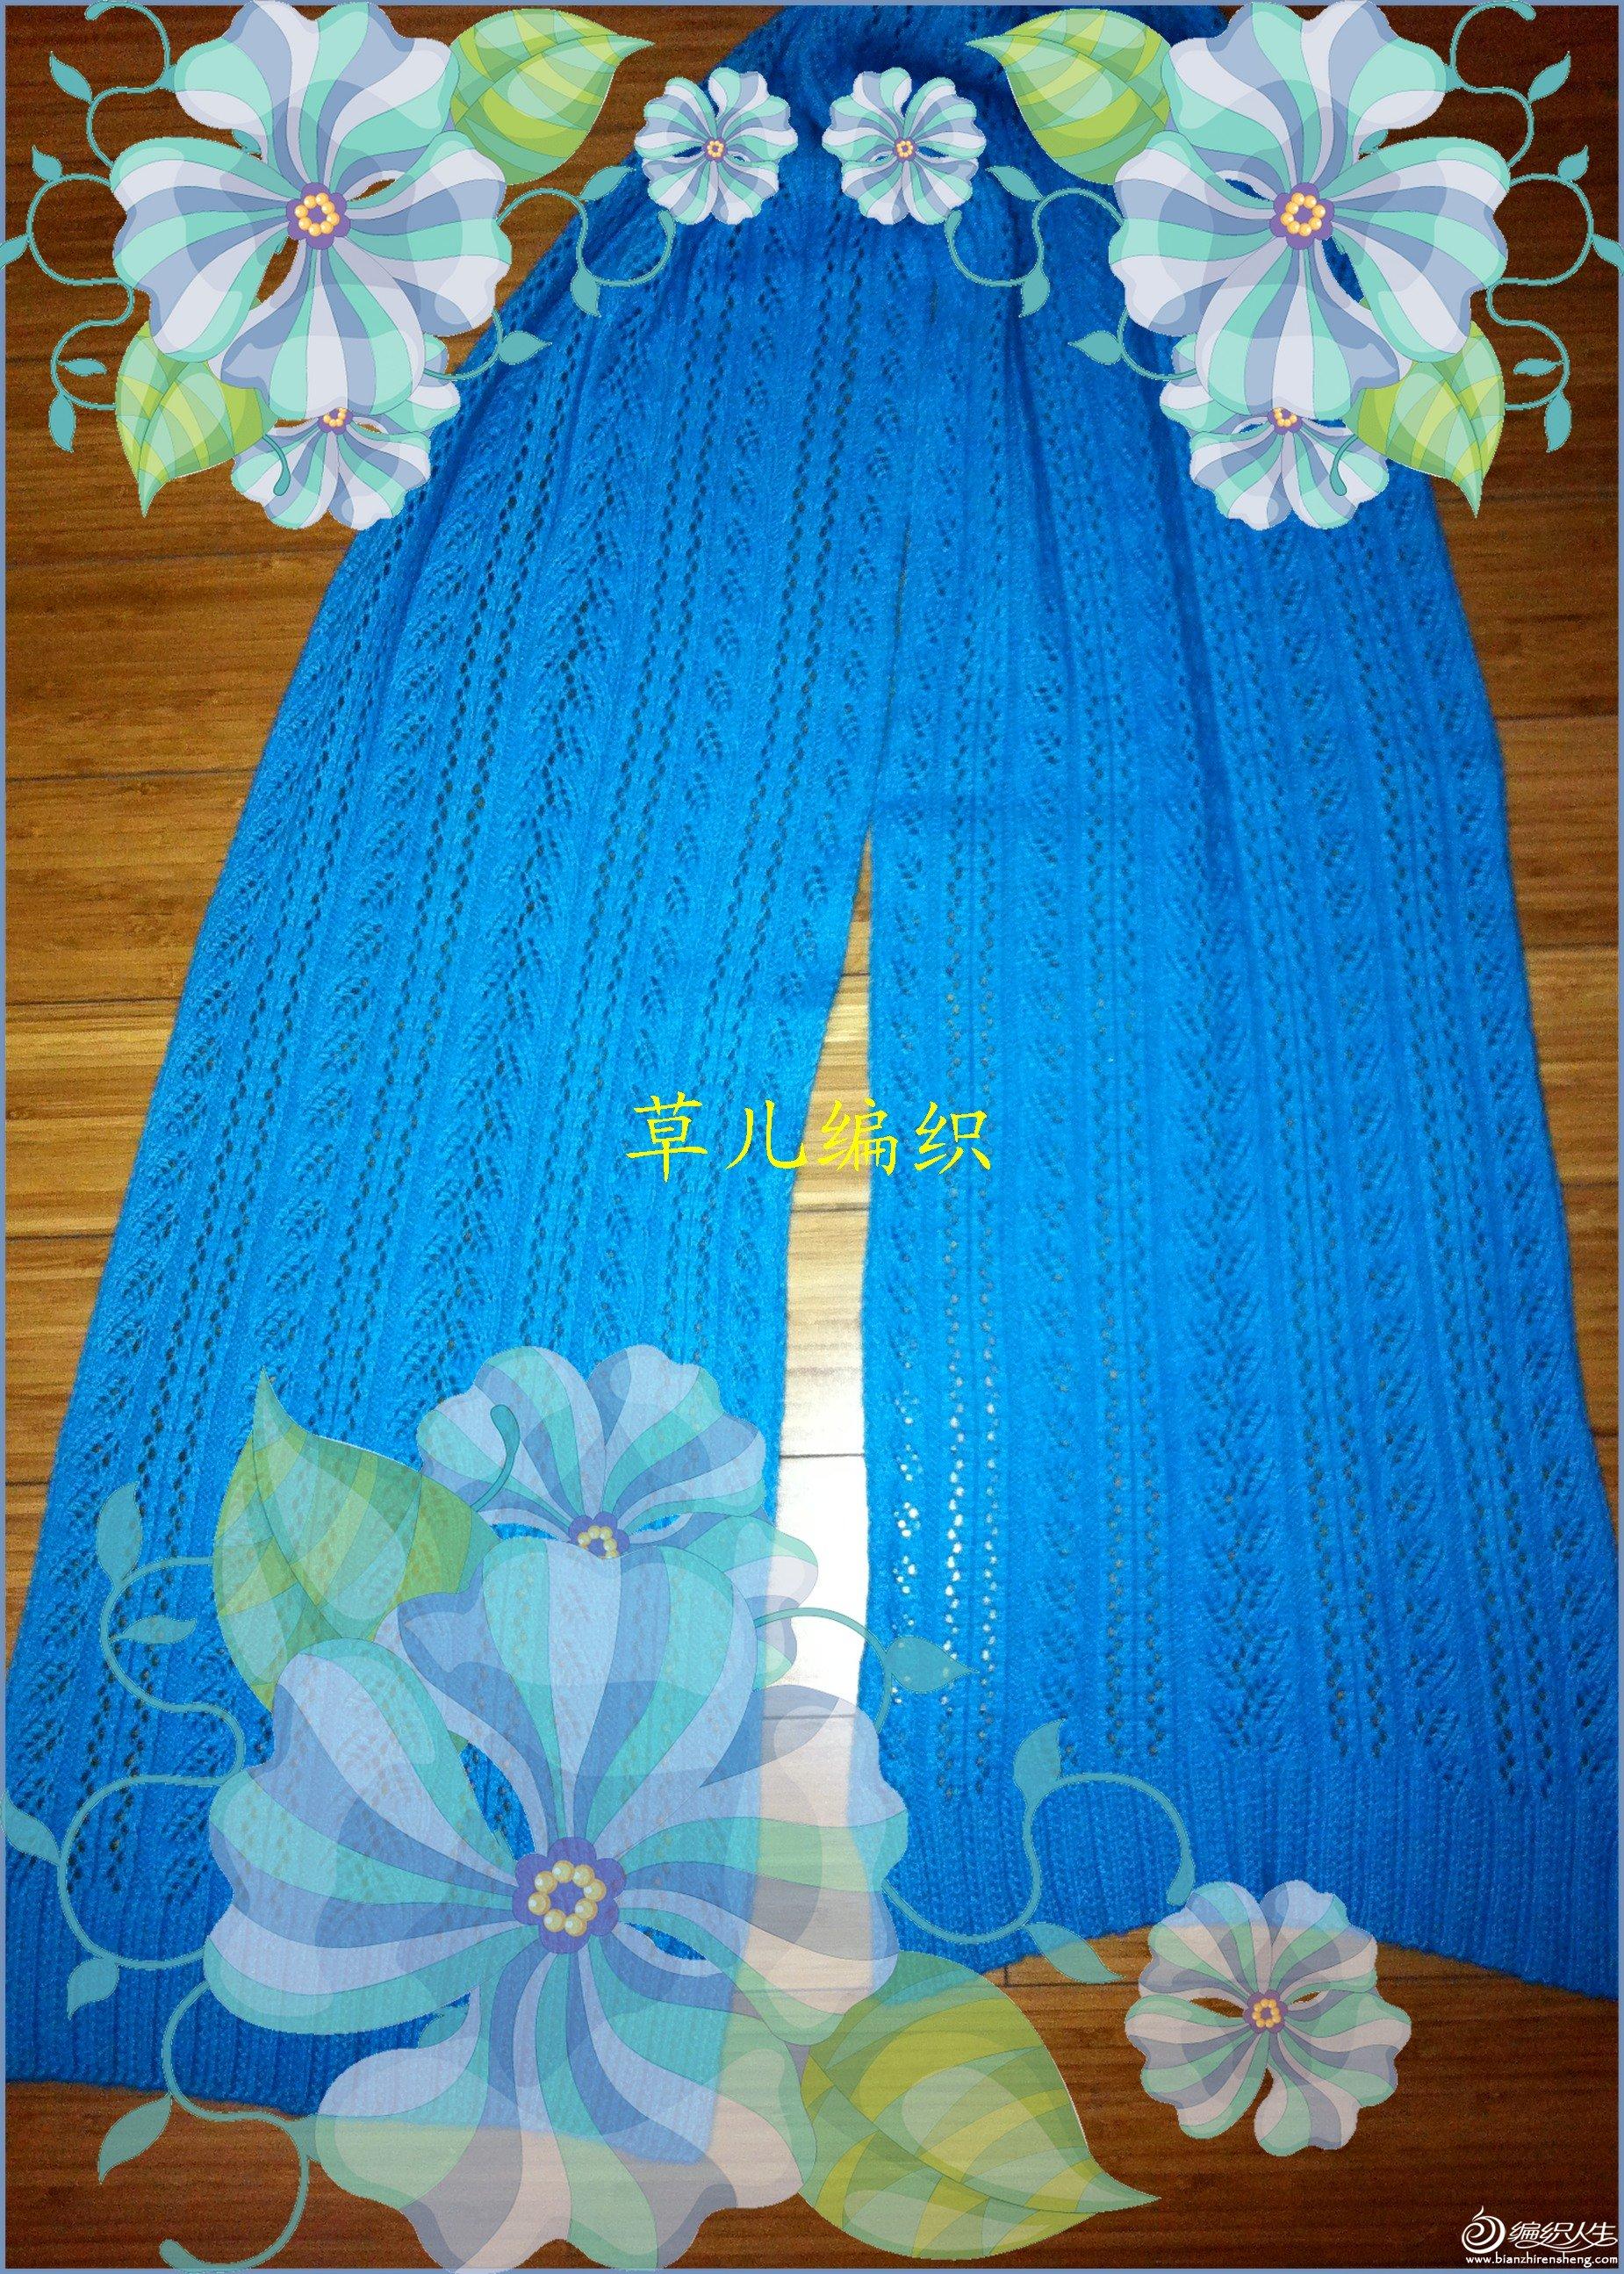 兰色围巾.jpg